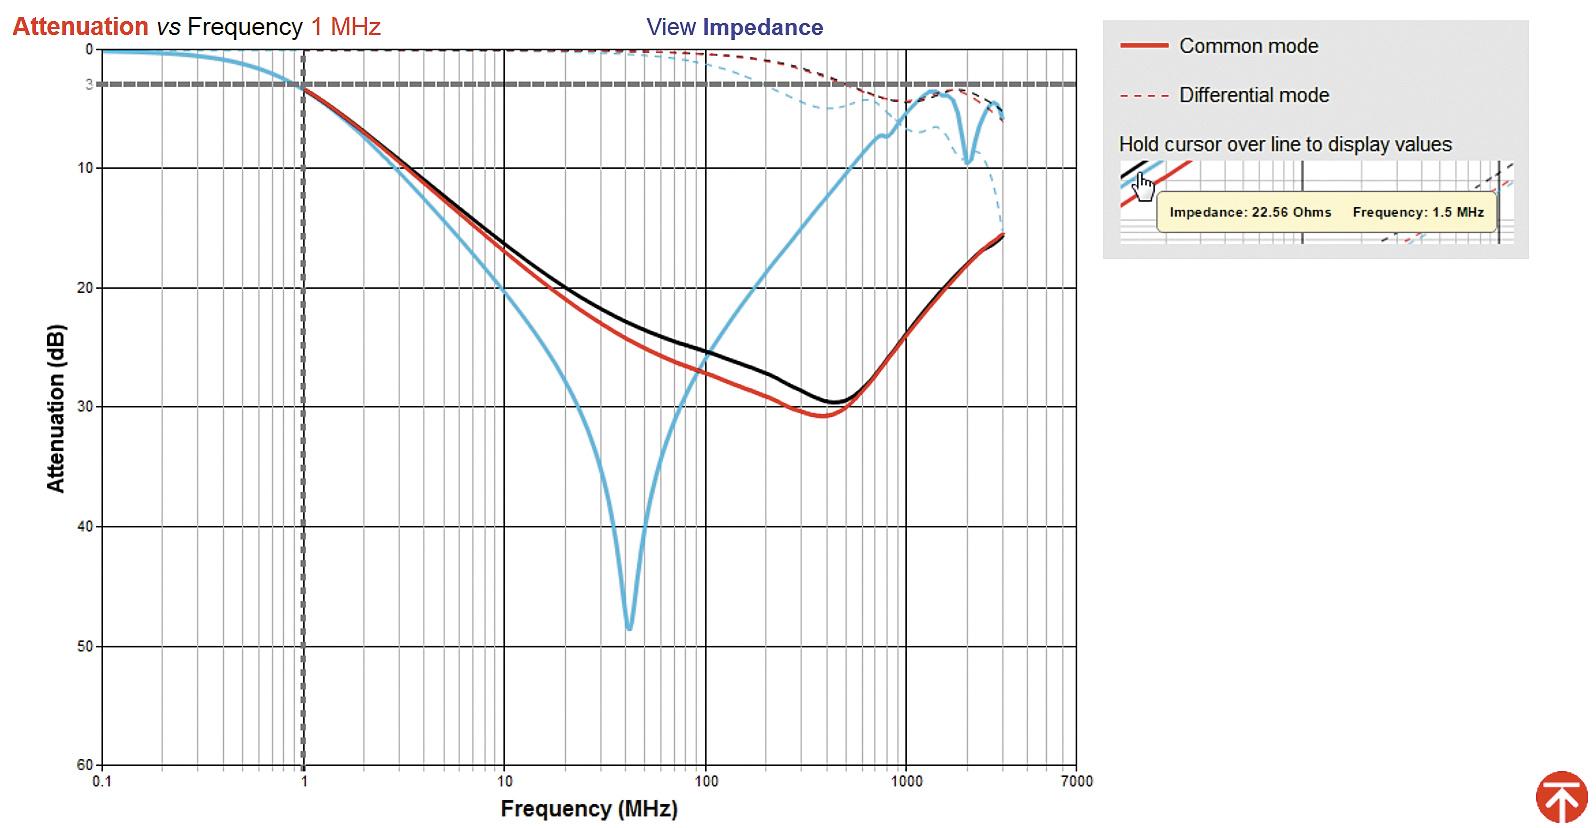 рафик зависимости затухания от частоты для выбранных типов синфазных дросселей